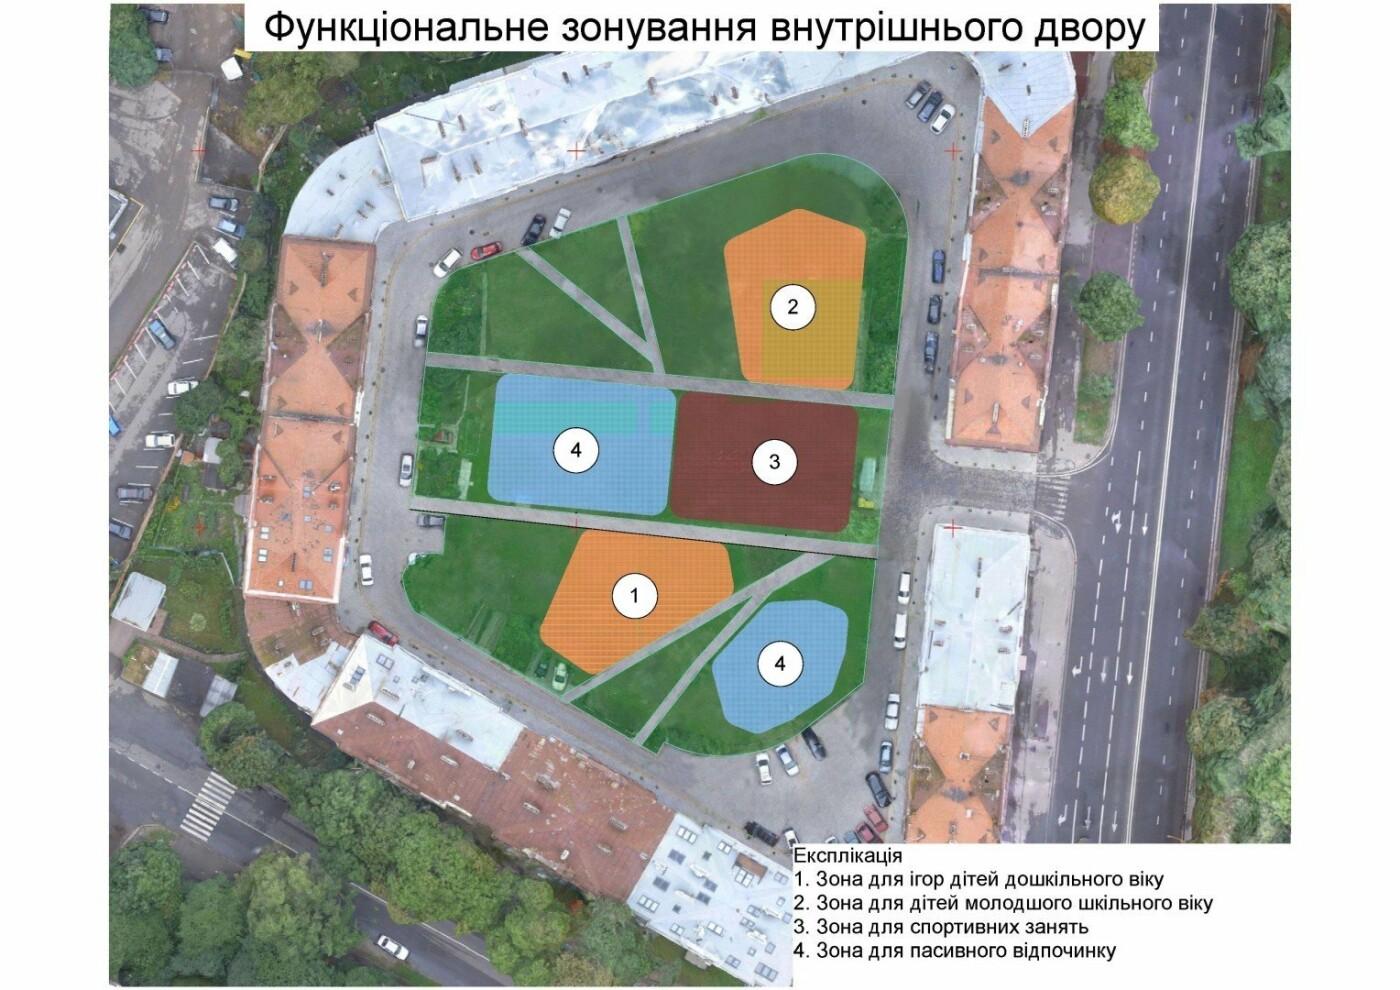 Громадський бюджет Львова 2018: ТОП-7 проектів для Франківського району, фото-8